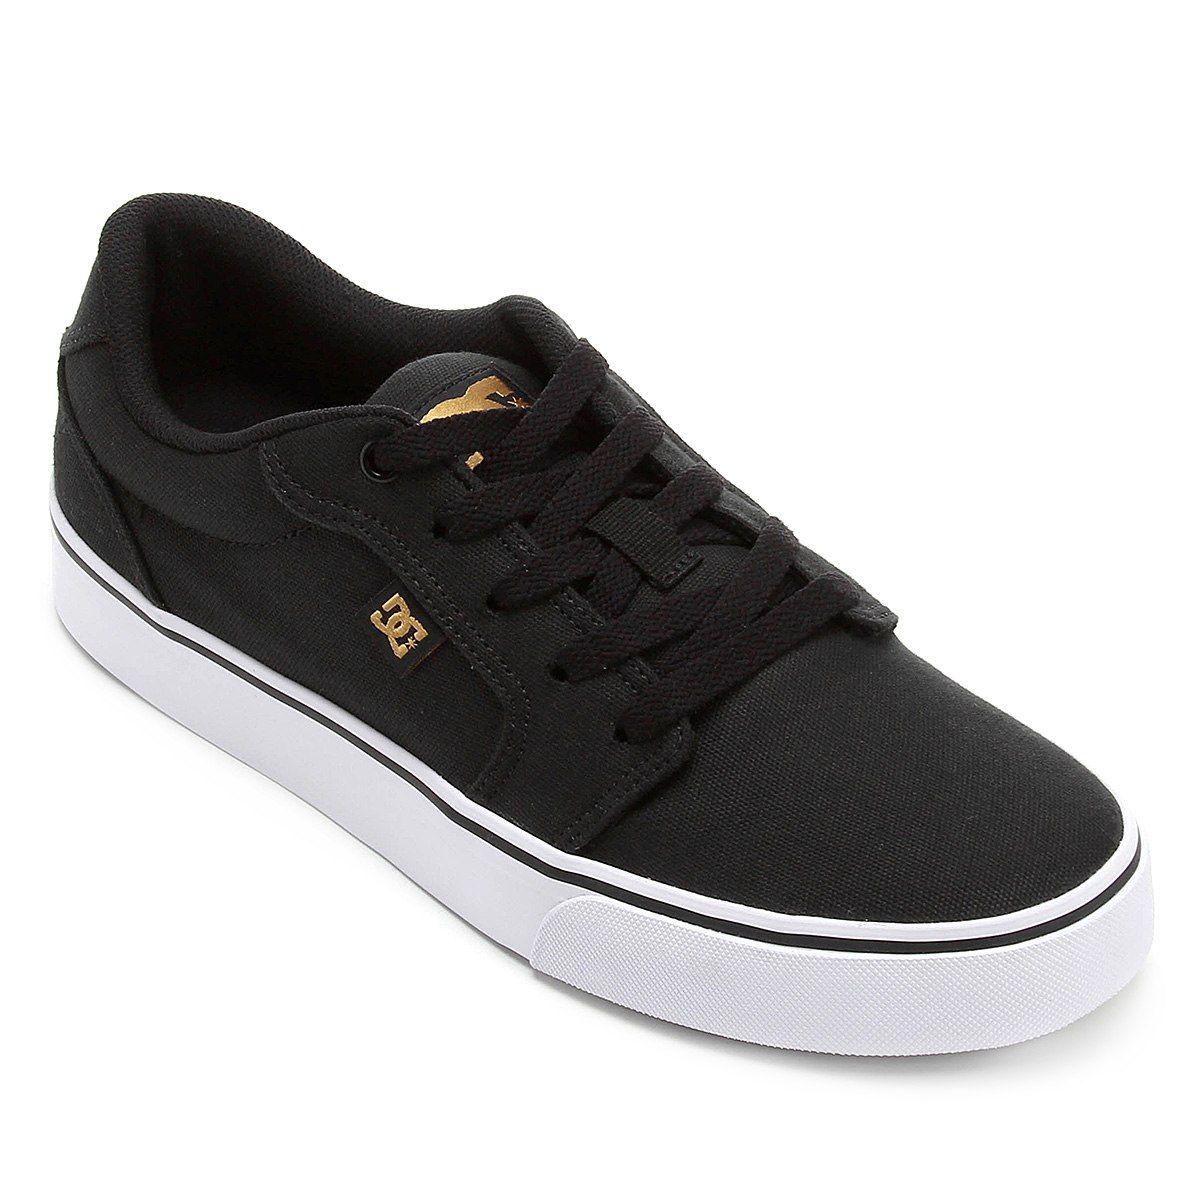 26886d4a650 Tênis DC Shoes Anvil La Tx - Caramelo